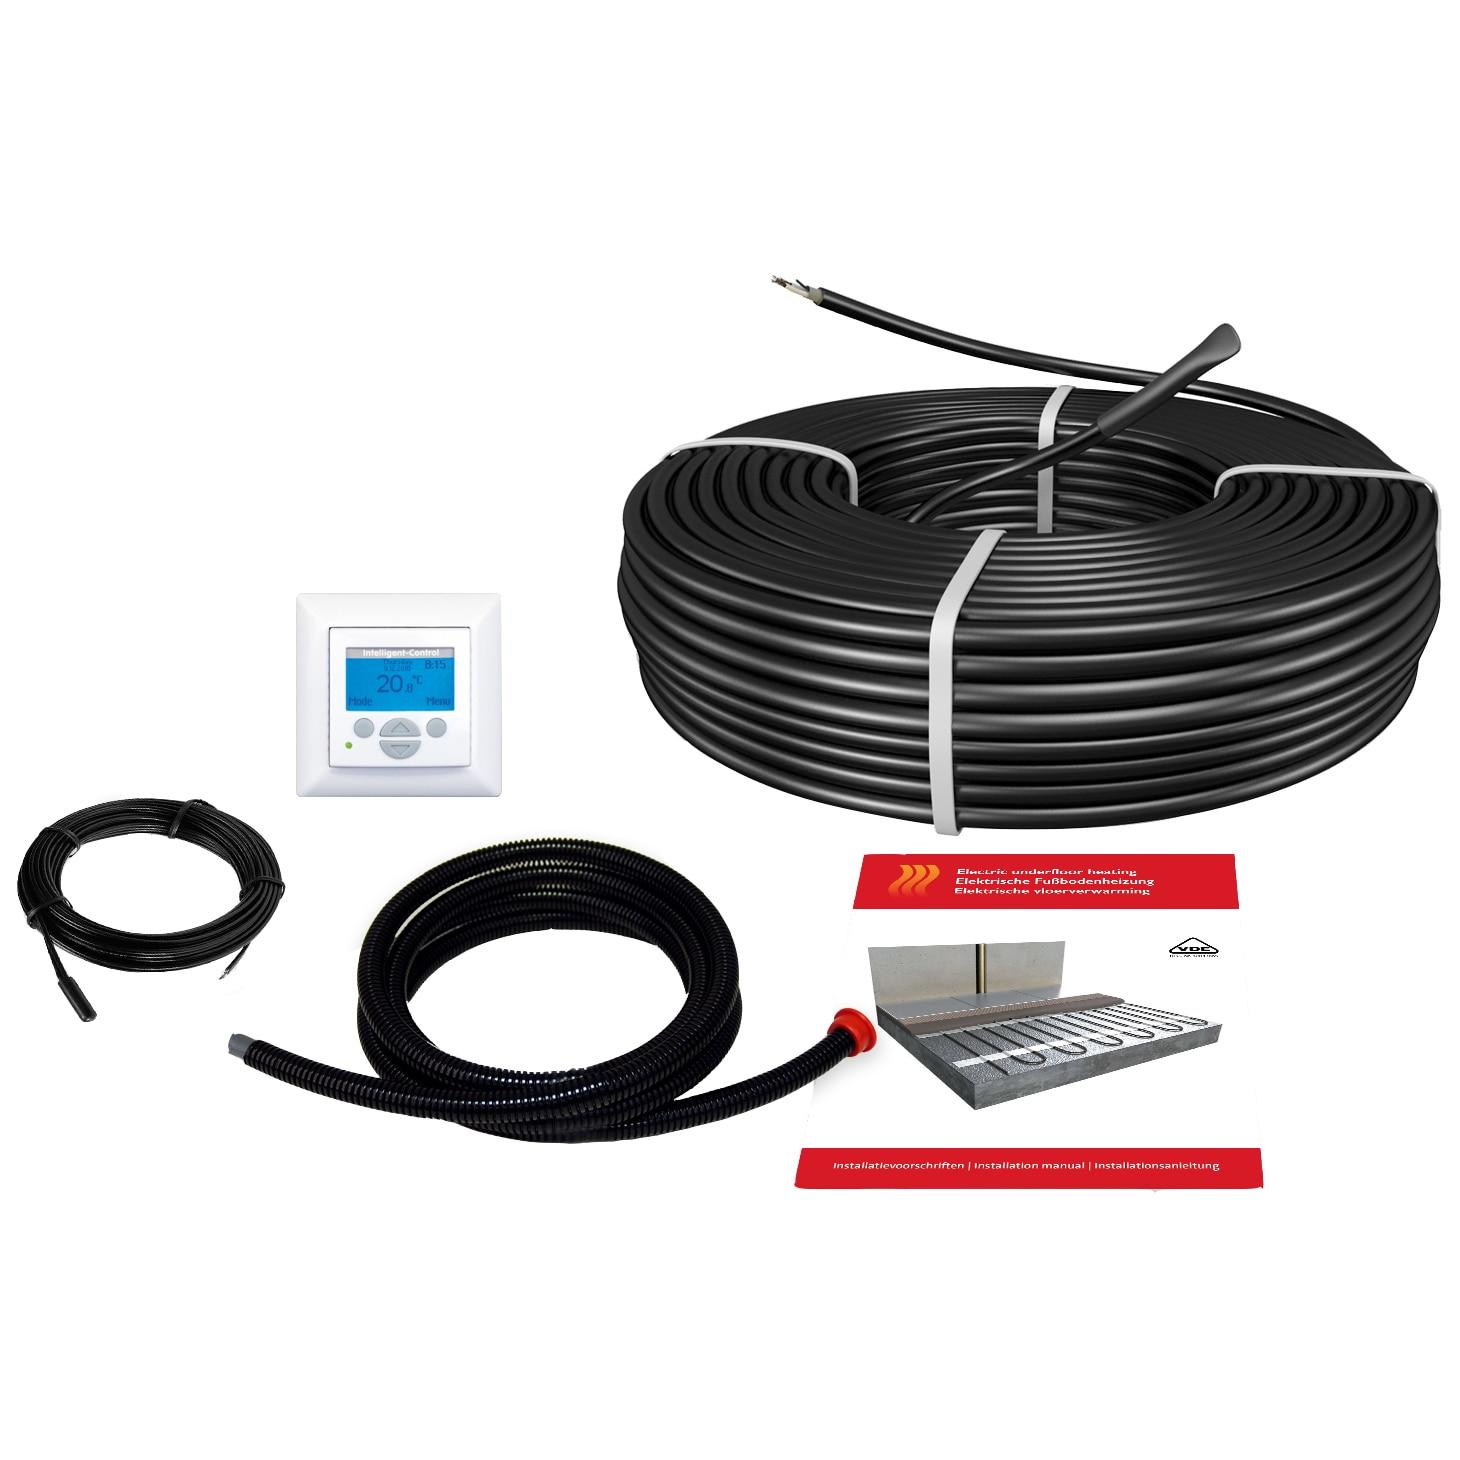 Fotografie Pachet cablu incalzire in pardoseala pentru sapa C&F Technics, (17W) 2600W, termostat digital cu senzor de pardoseala inclus, 152.9 m